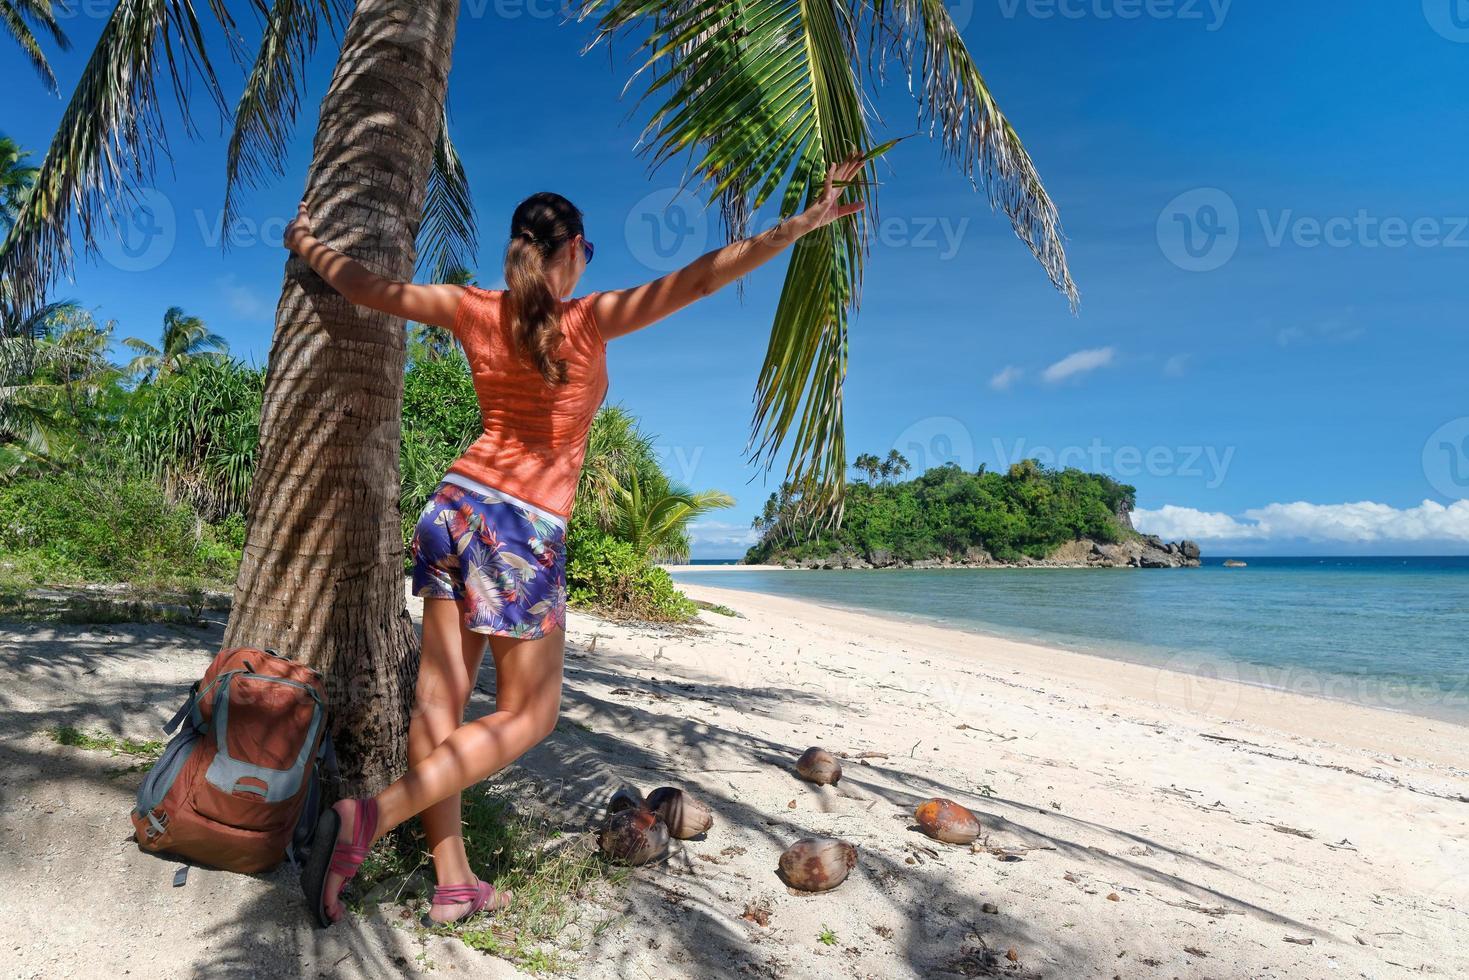 toeristische meisje genieten van uitzicht op het prachtige eiland en strand. foto